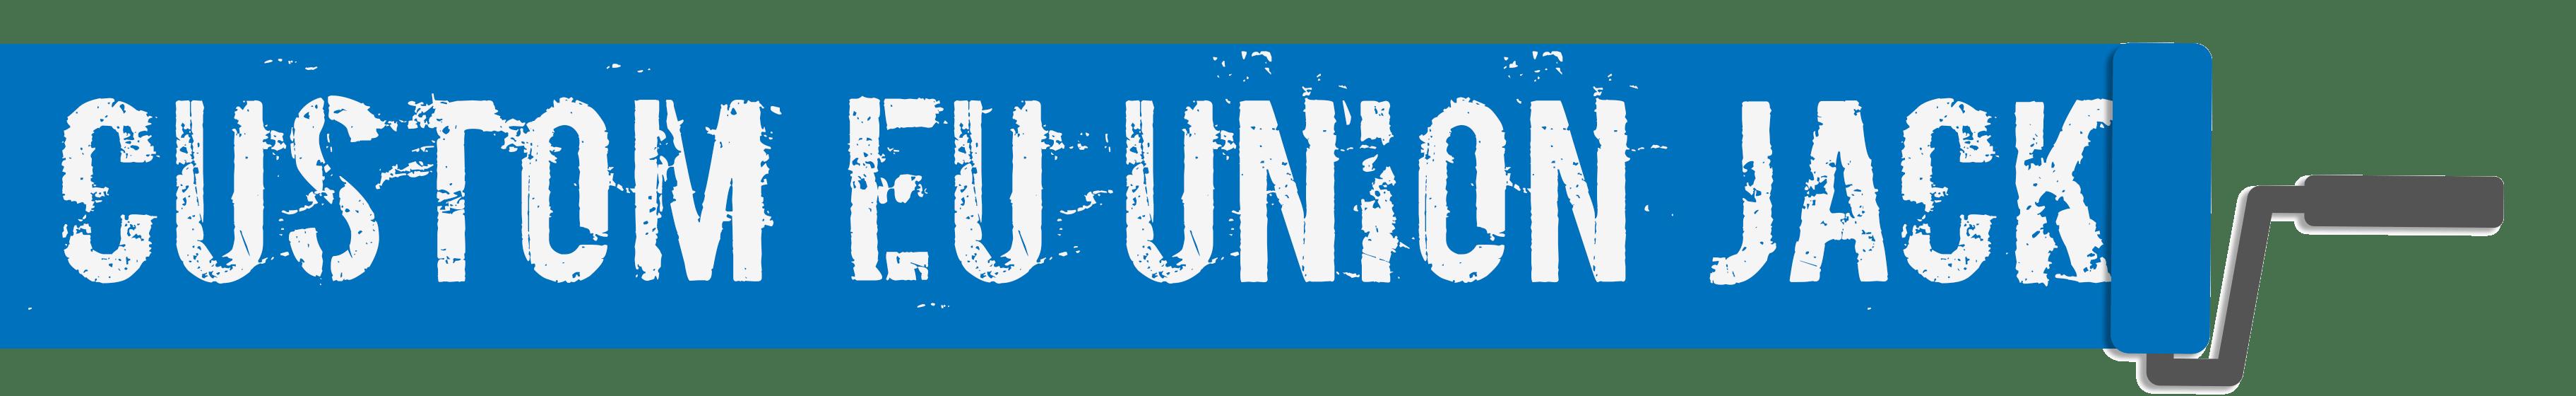 EU Union Jack